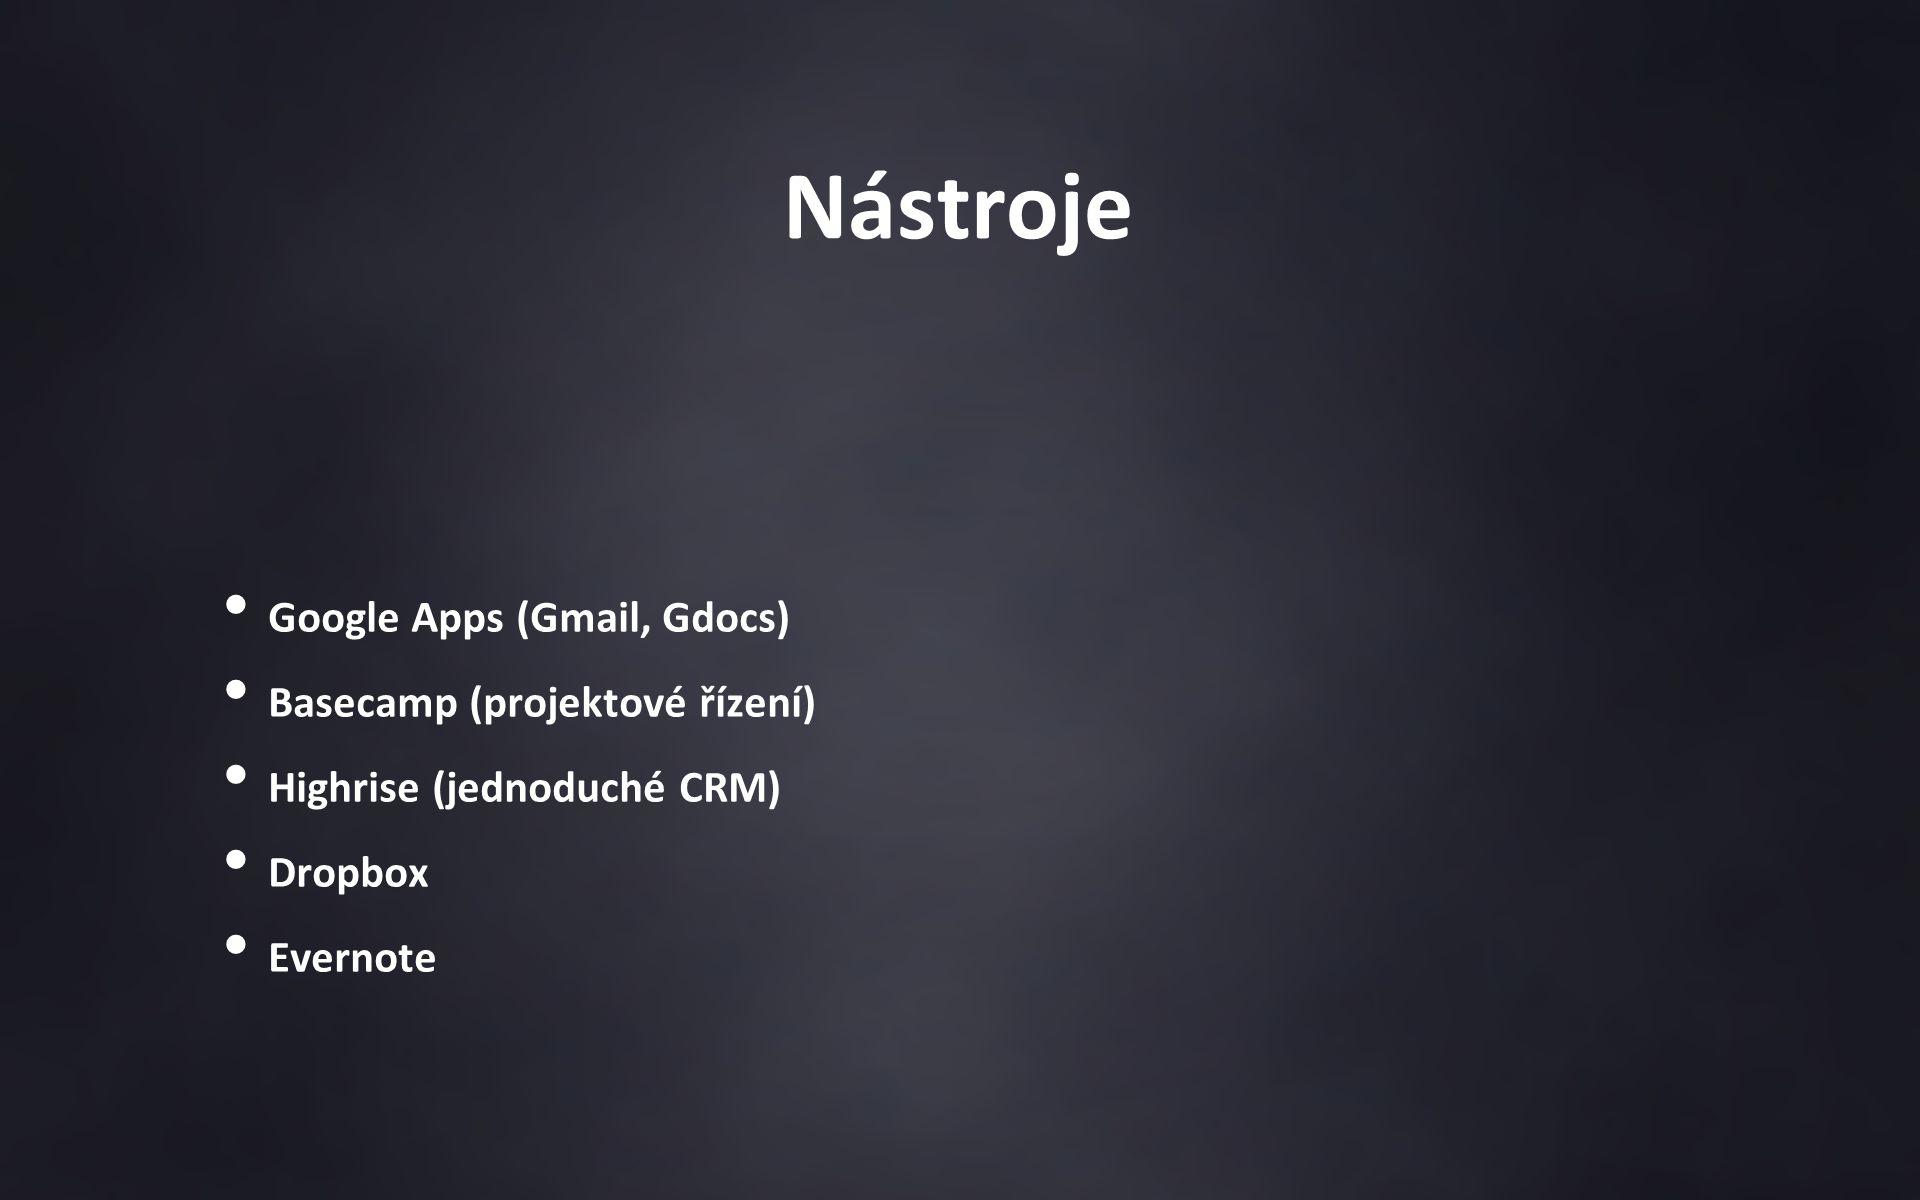 Nástroje Google Apps (Gmail, Gdocs) Basecamp (projektové řízení) Highrise (jednoduché CRM) Dropbox Evernote